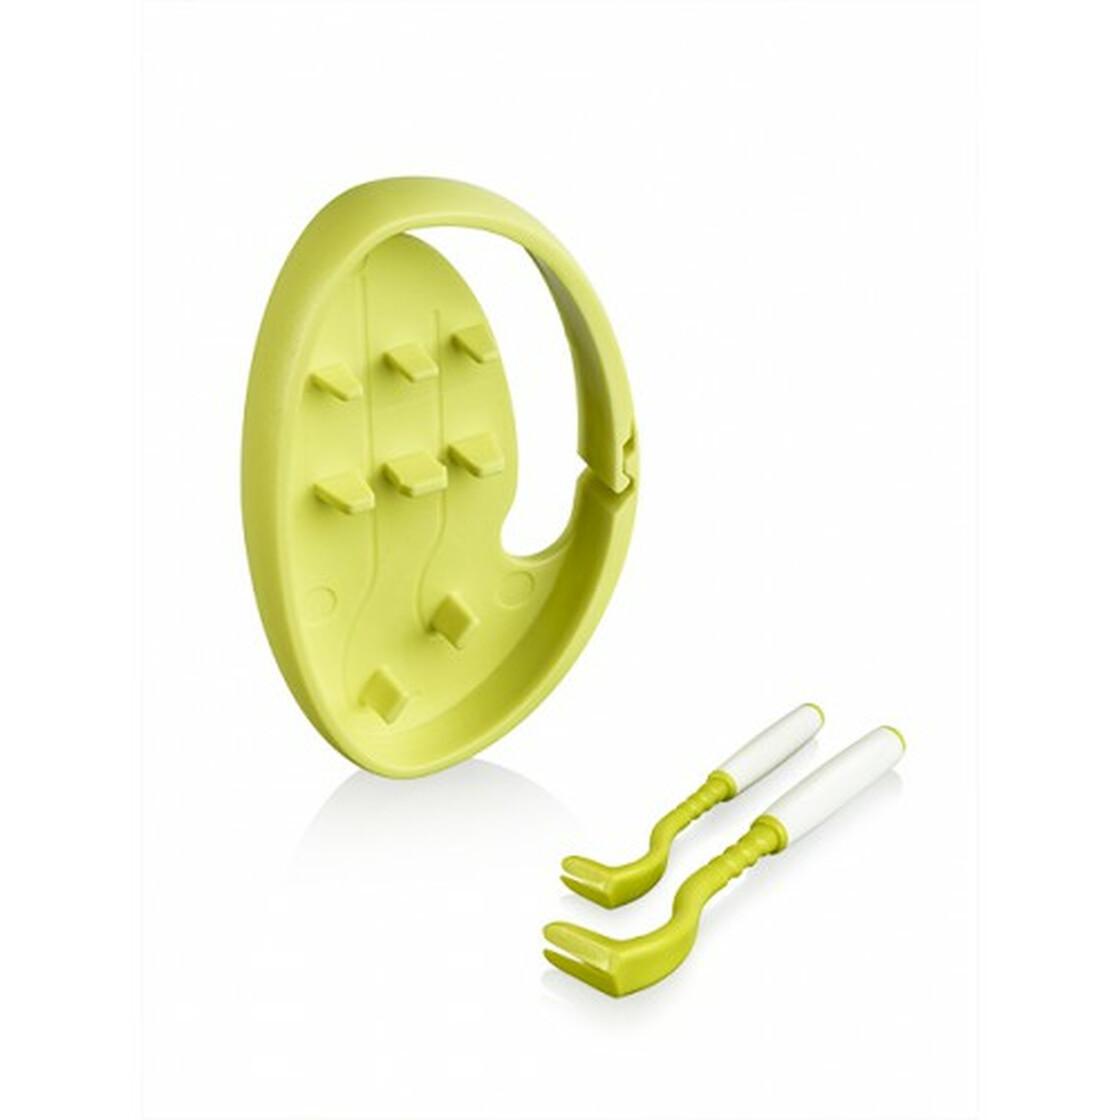 ホルダー付きティックツイスター ダニ取り 2本セット (Tick Twister)